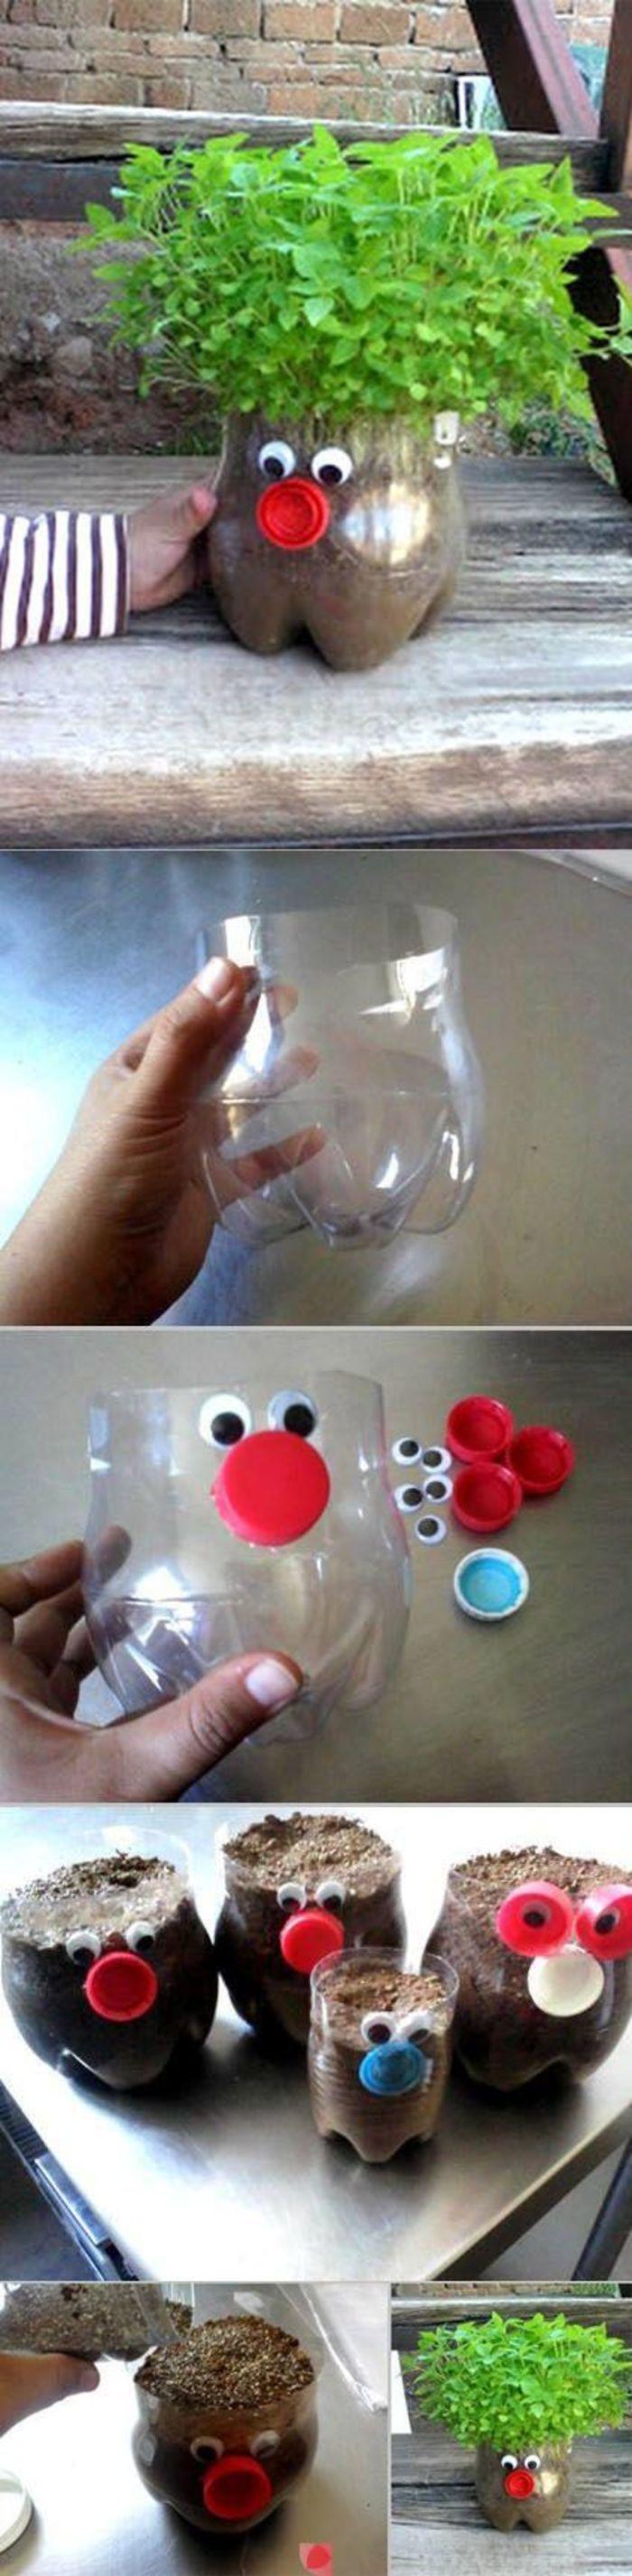 可乐瓶改造可爱小花盆